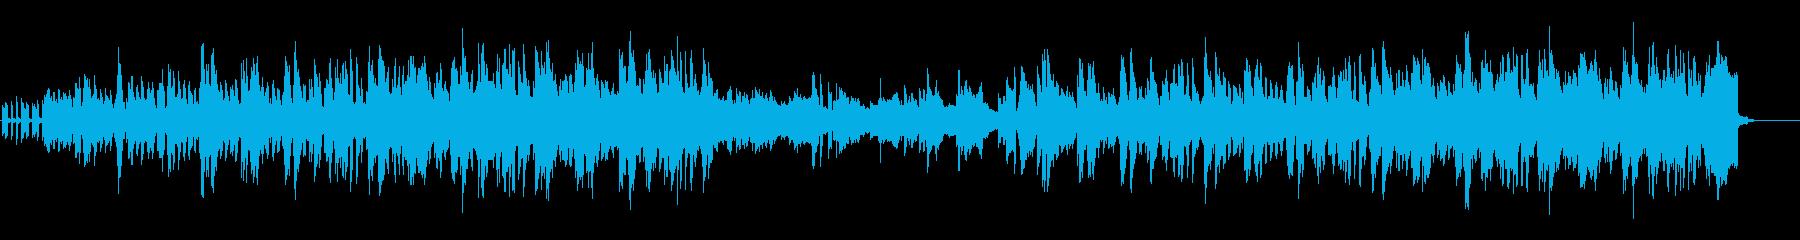 ロードピアノ、アコースティックピア...の再生済みの波形